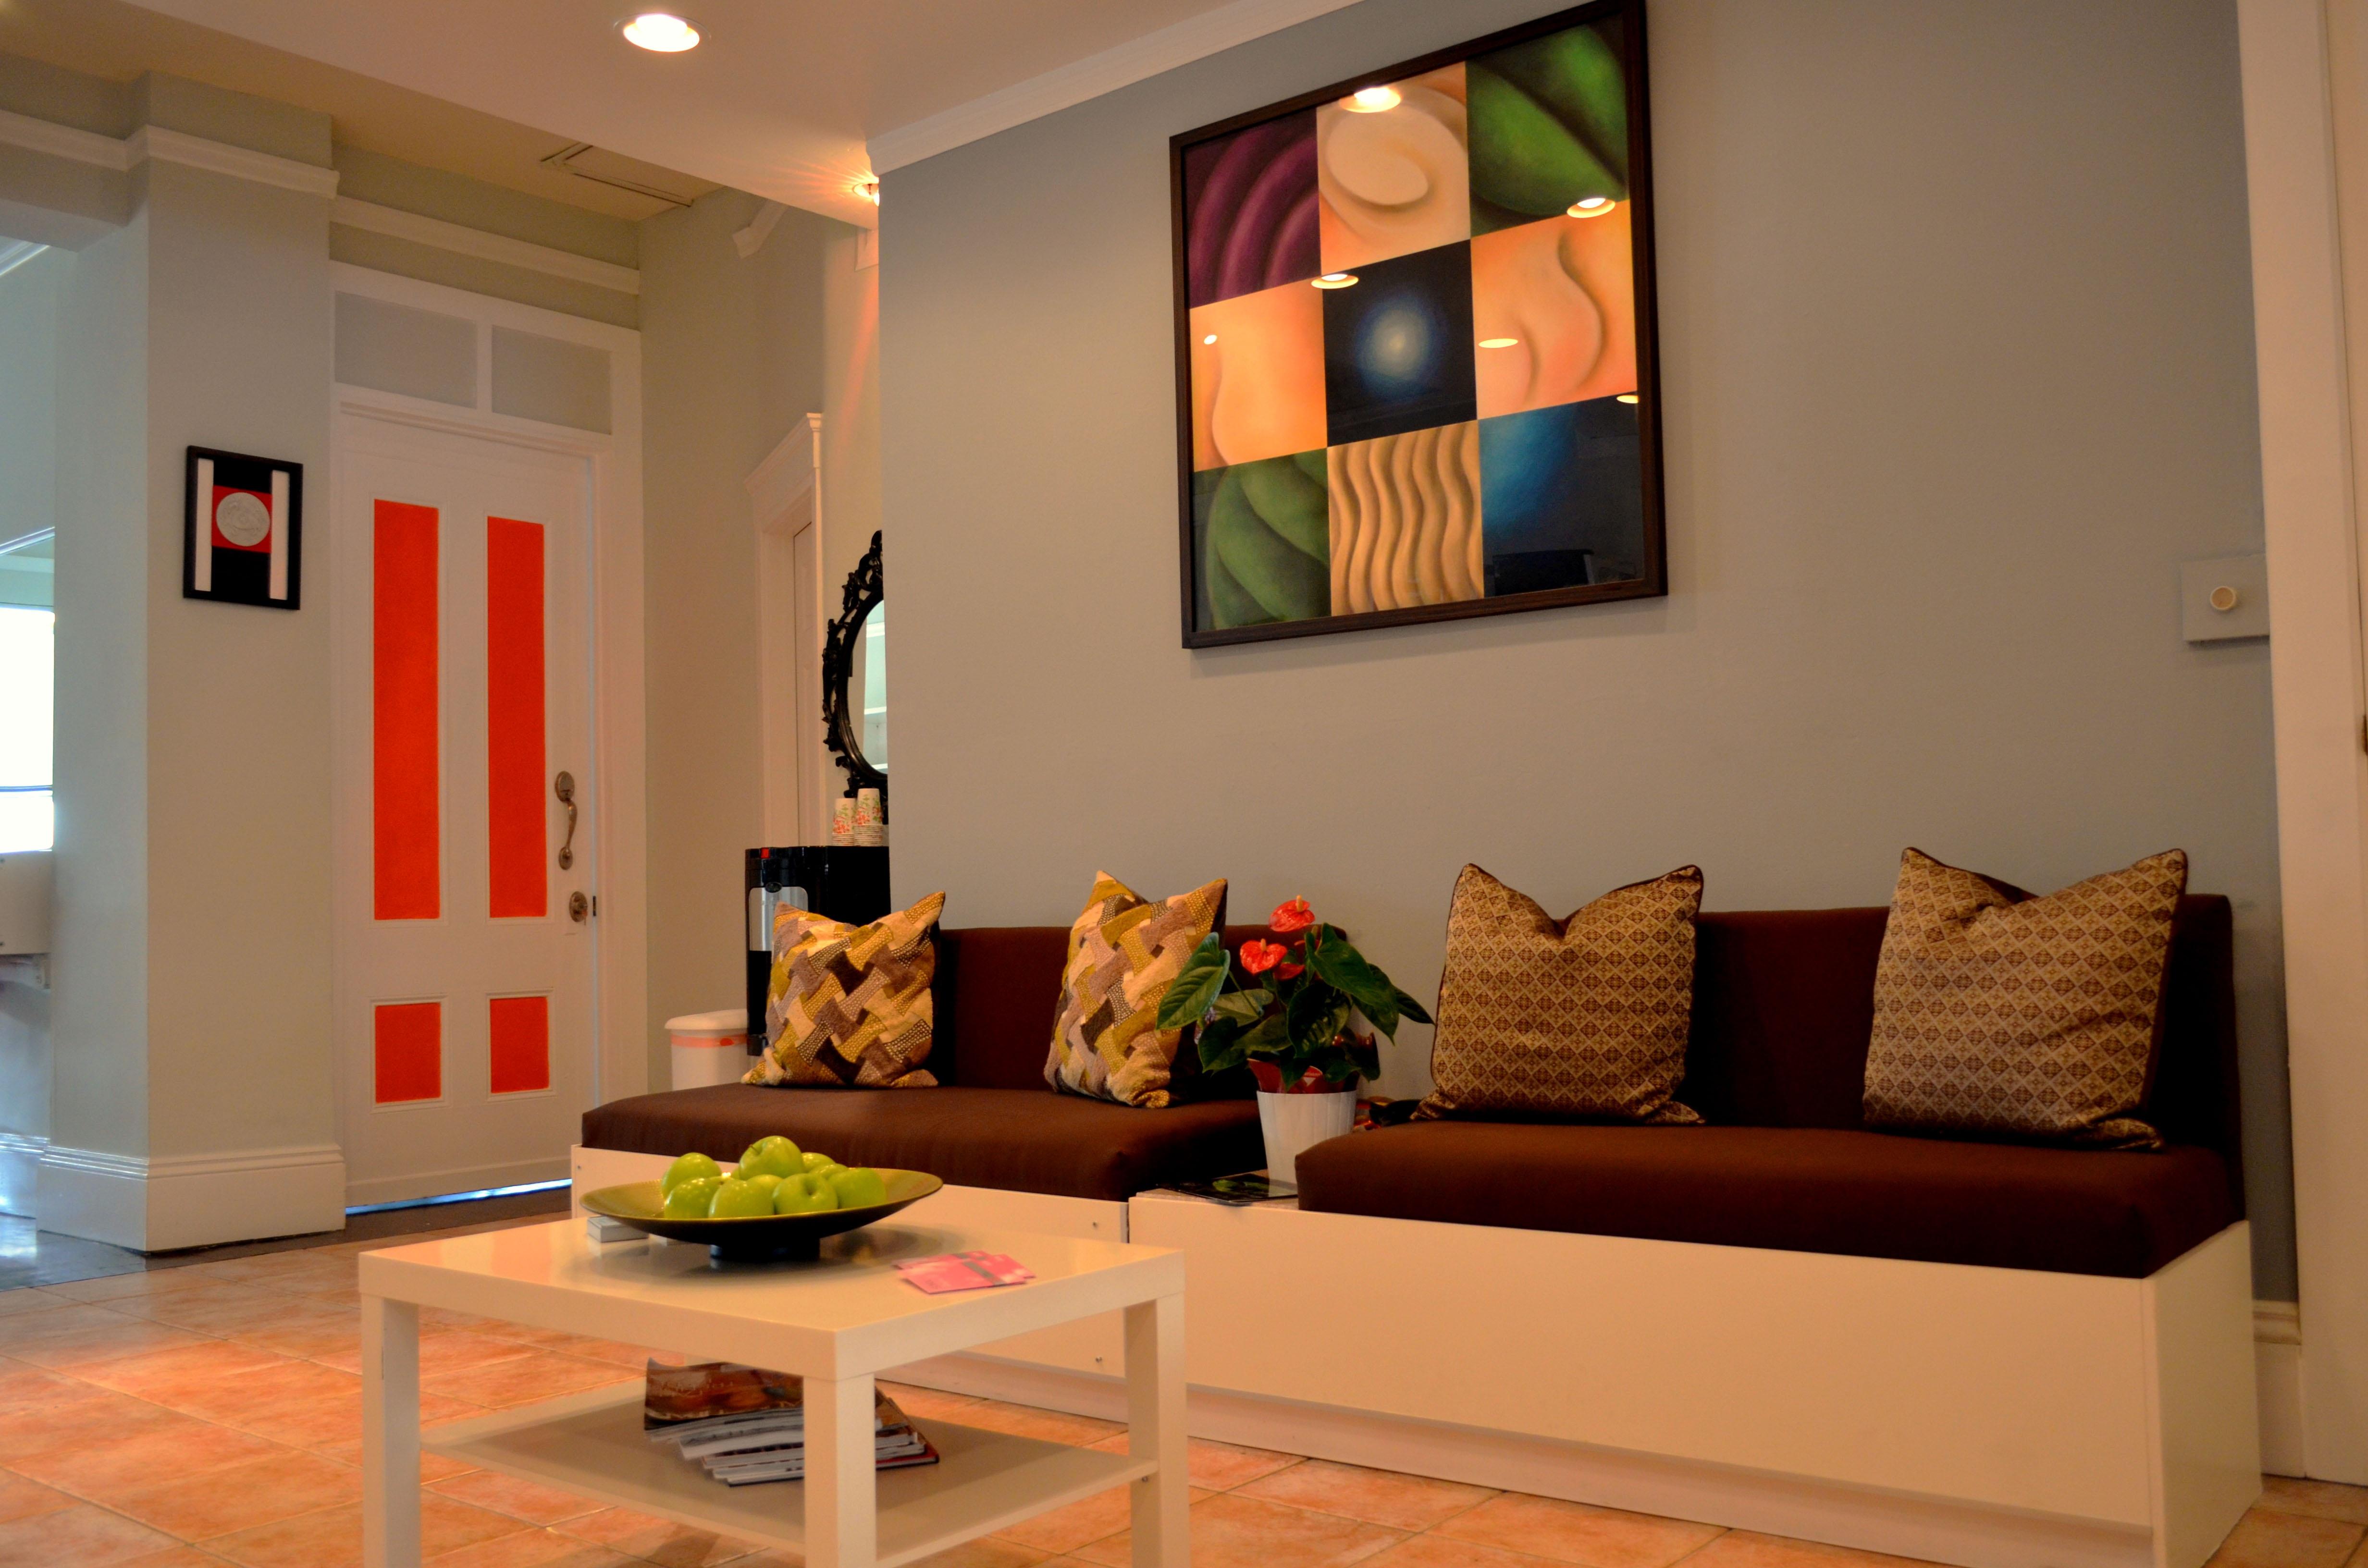 huis verdieping huis muur kleur eigendom woonkamer kamer bank appartement divan interieur ontwerp ontwerp landgoed